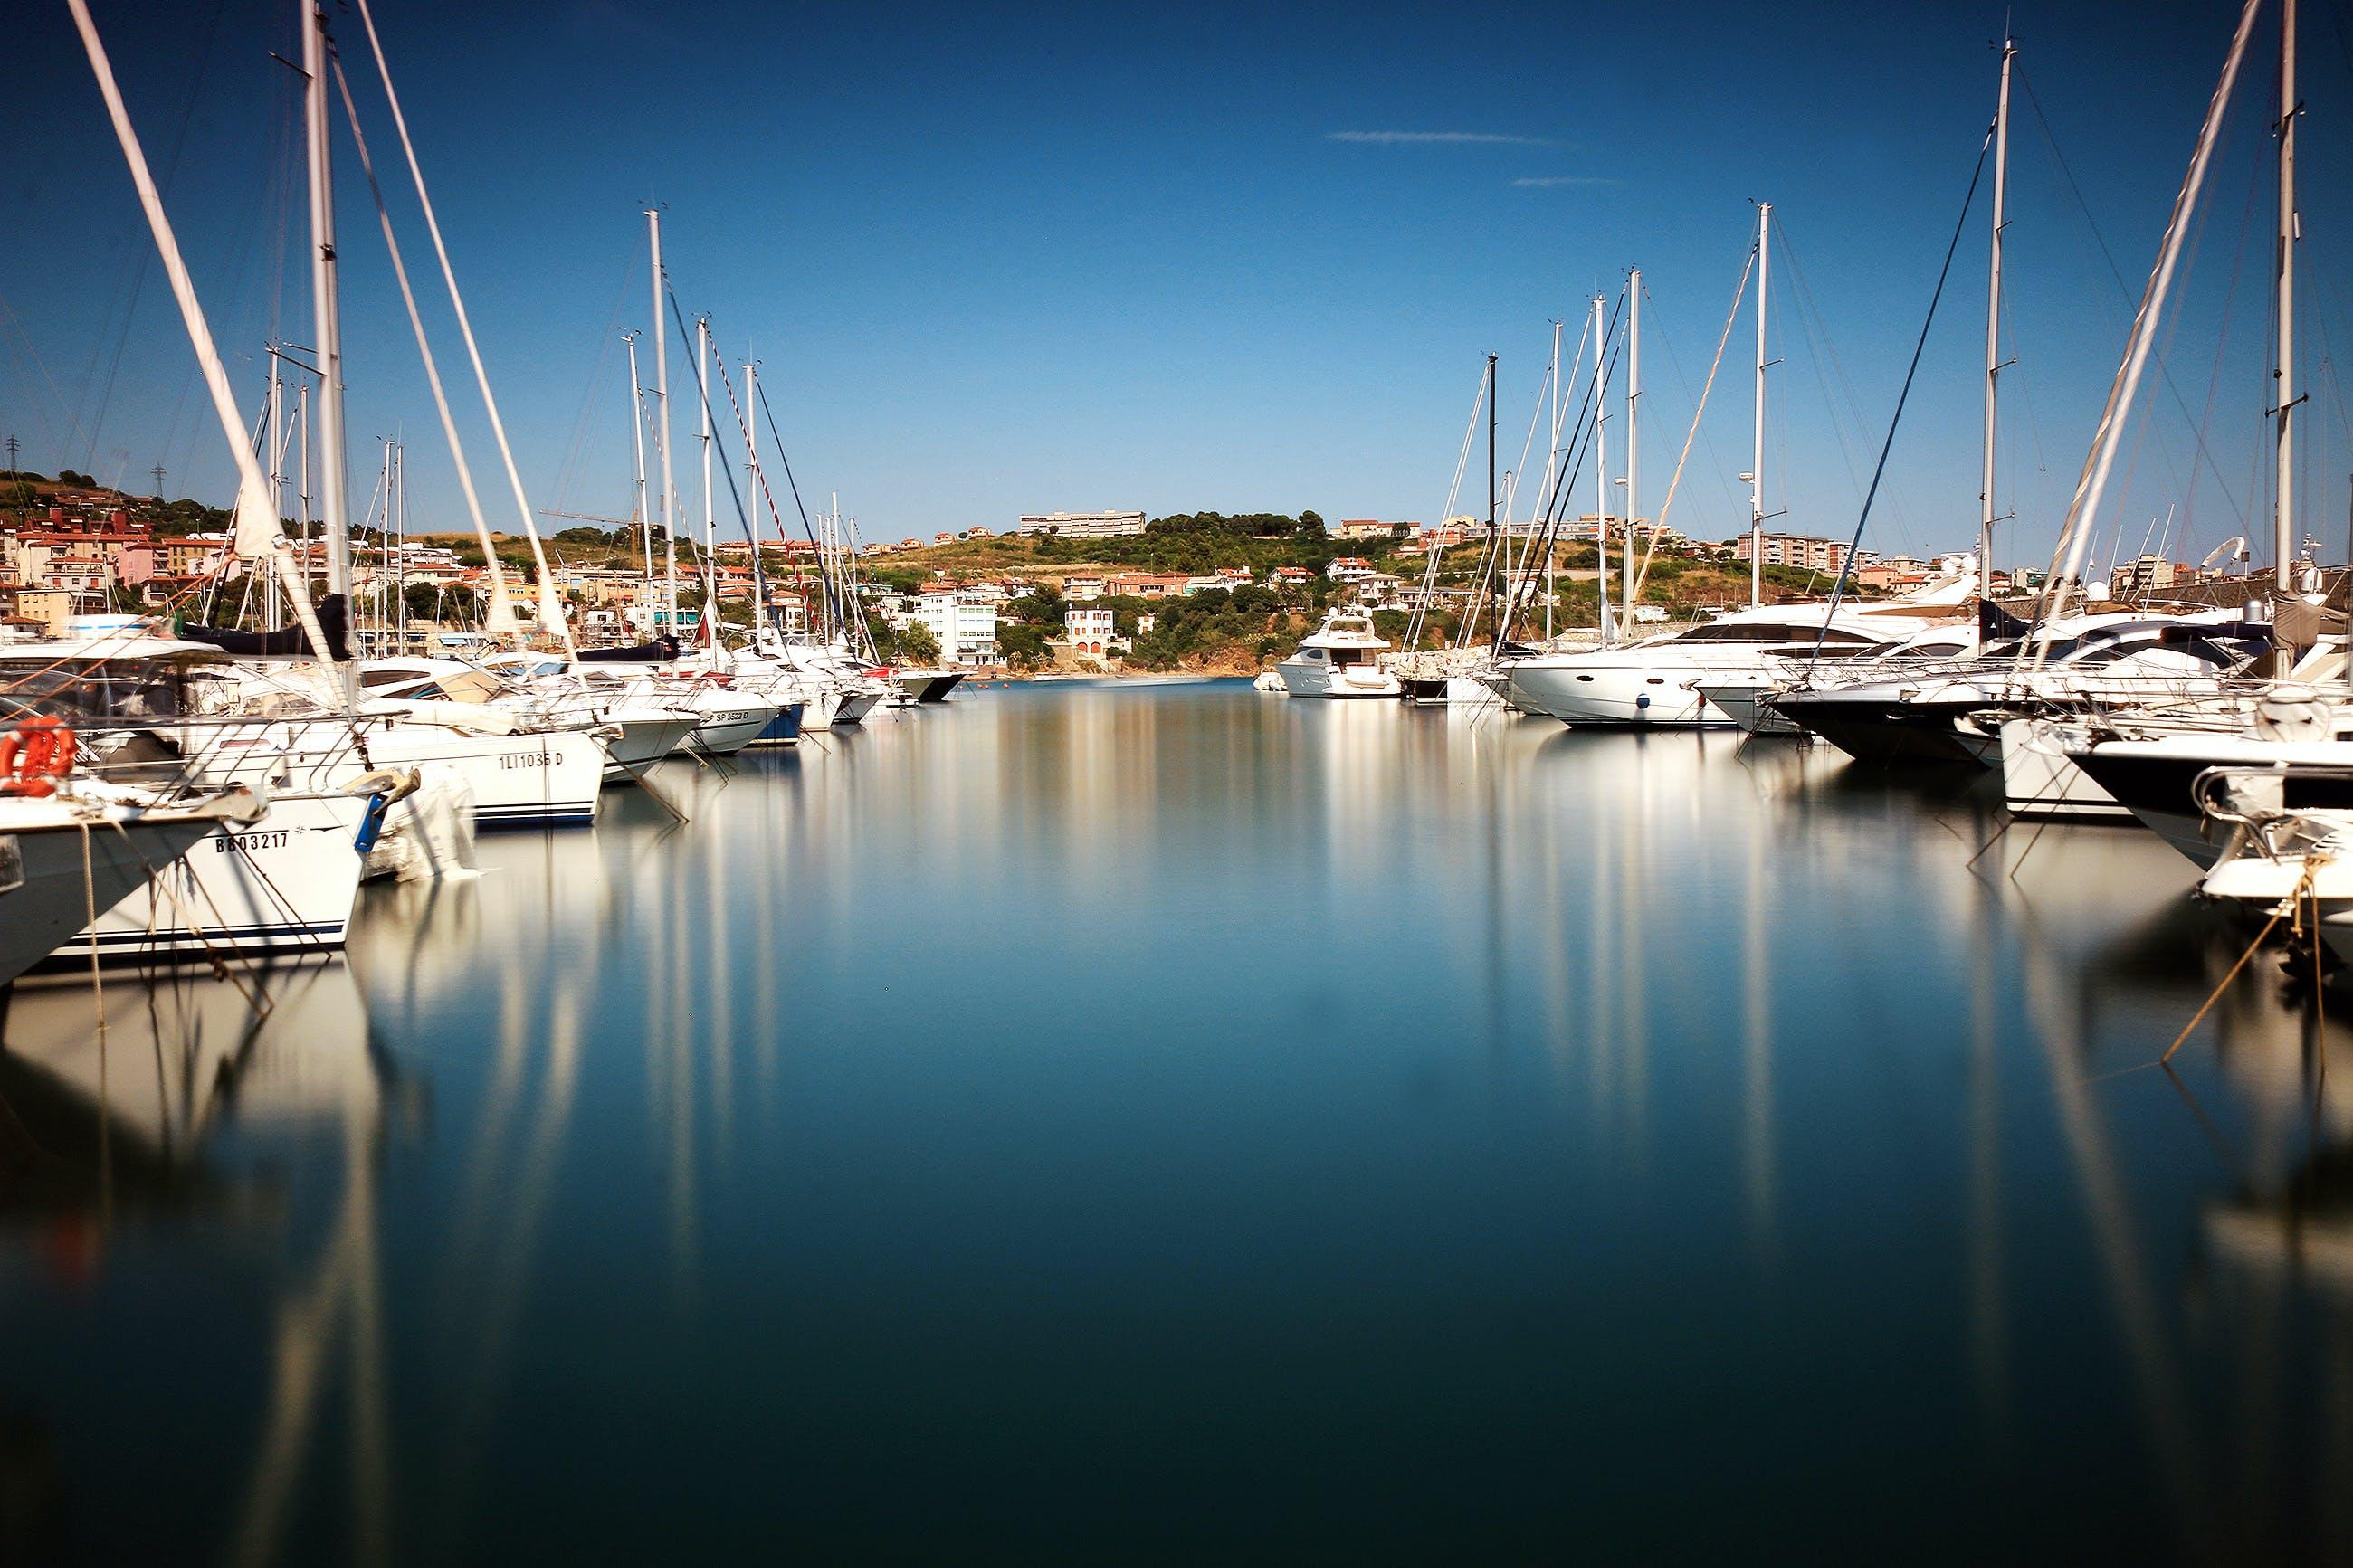 Kostenloses Stock Foto zu hafen, jachthafen, segelboote, yachten